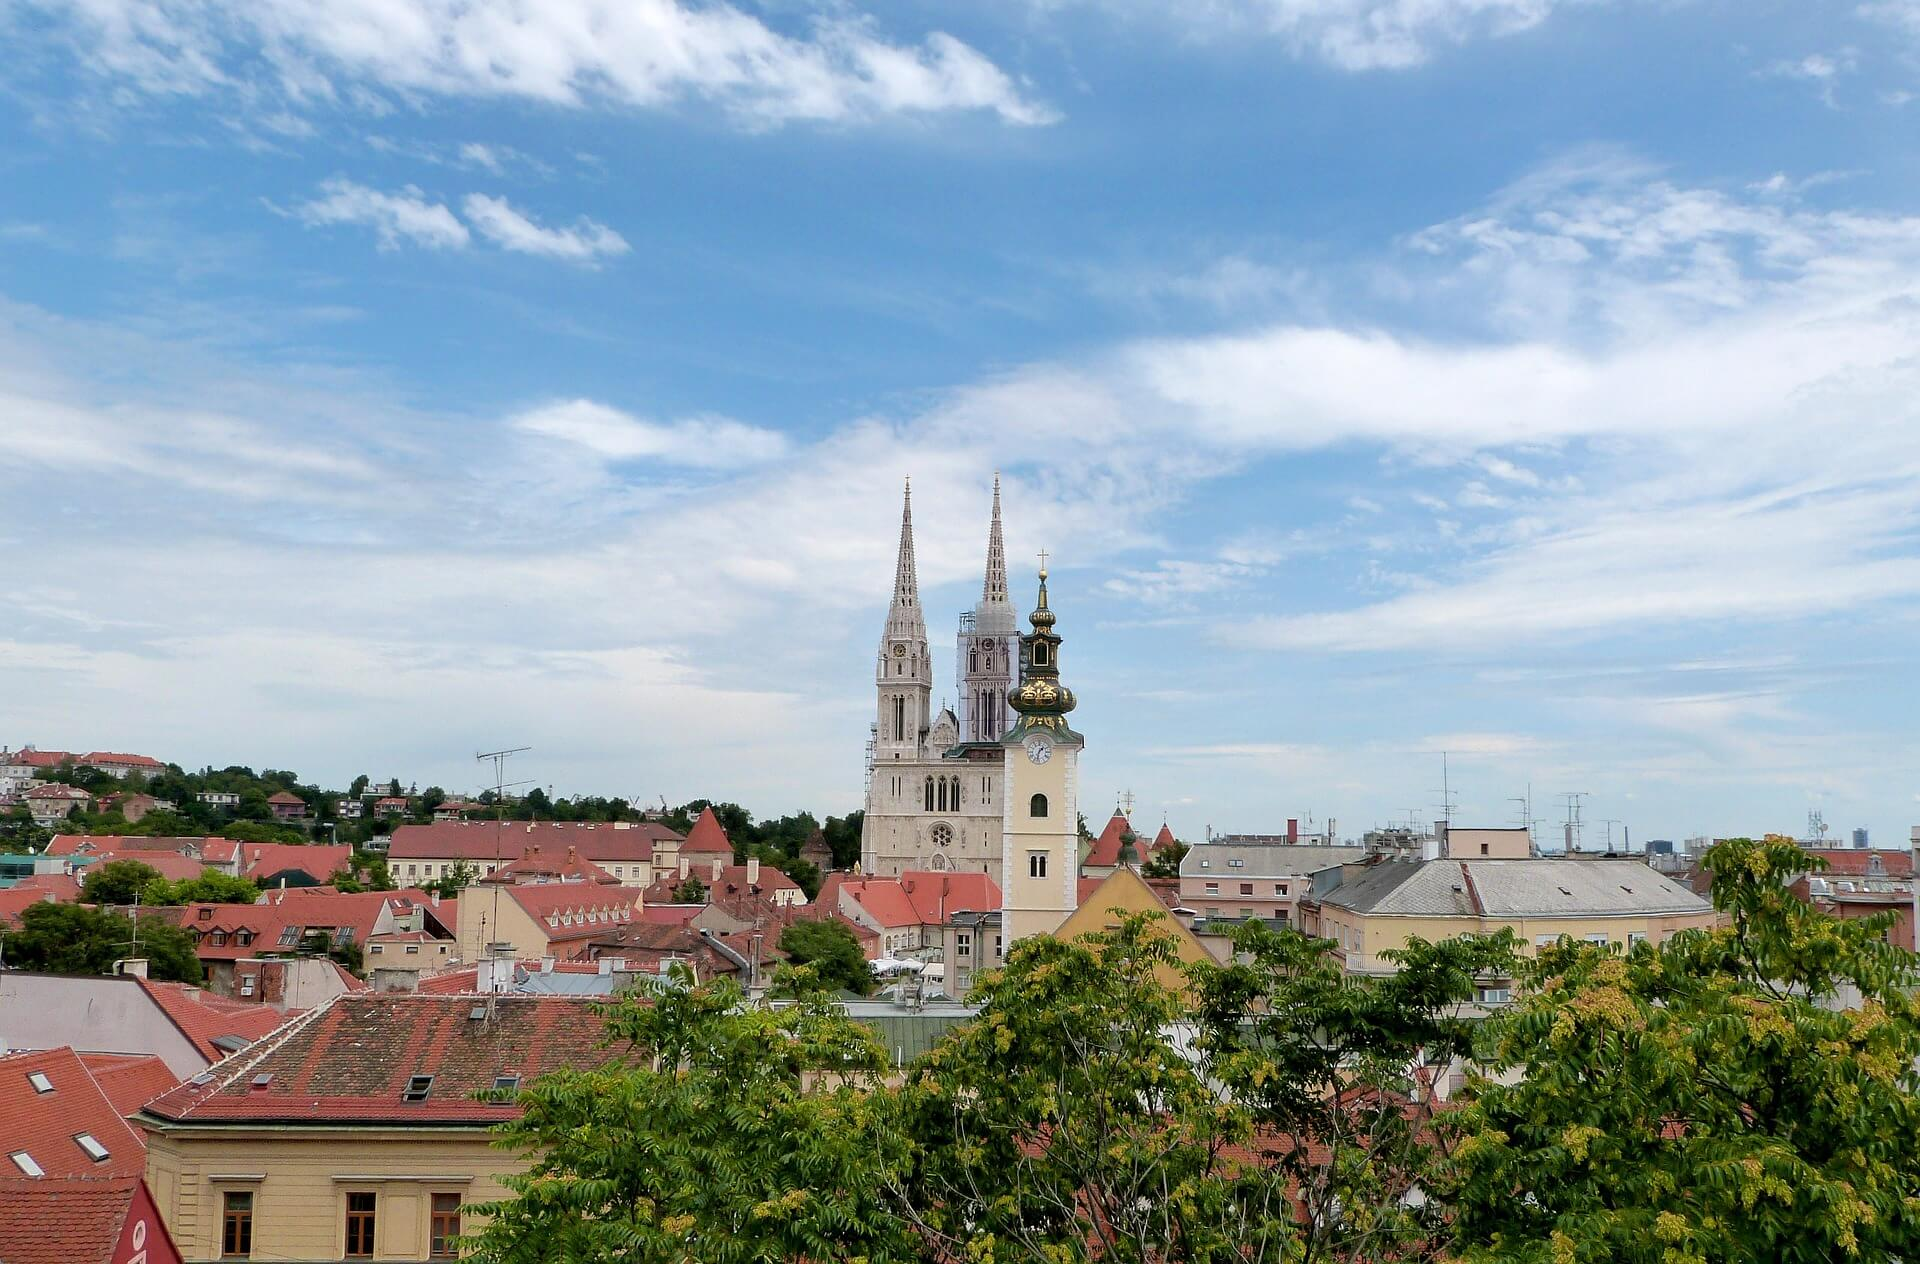 Direktflüge und Billigflüge ab Frankfurt nach Zagreb